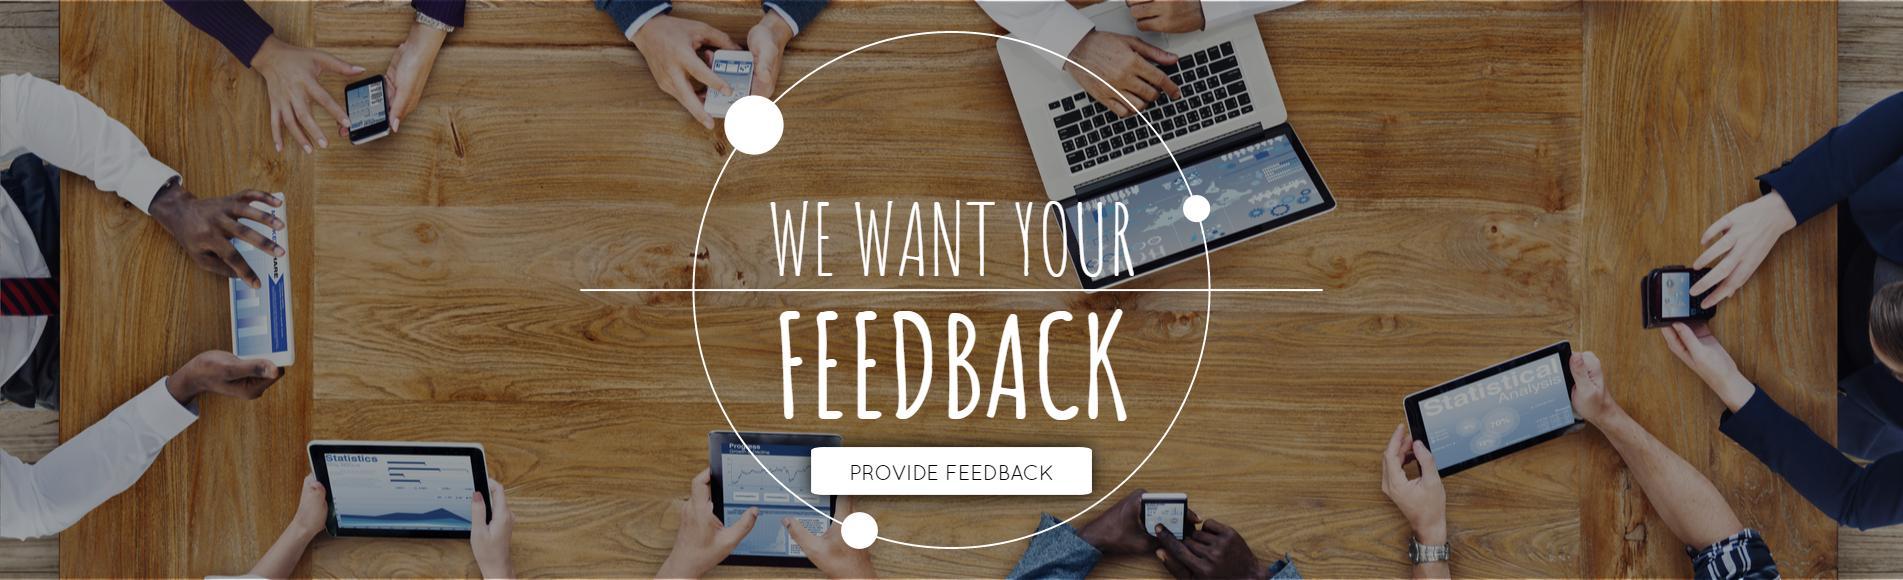 feedback-1-